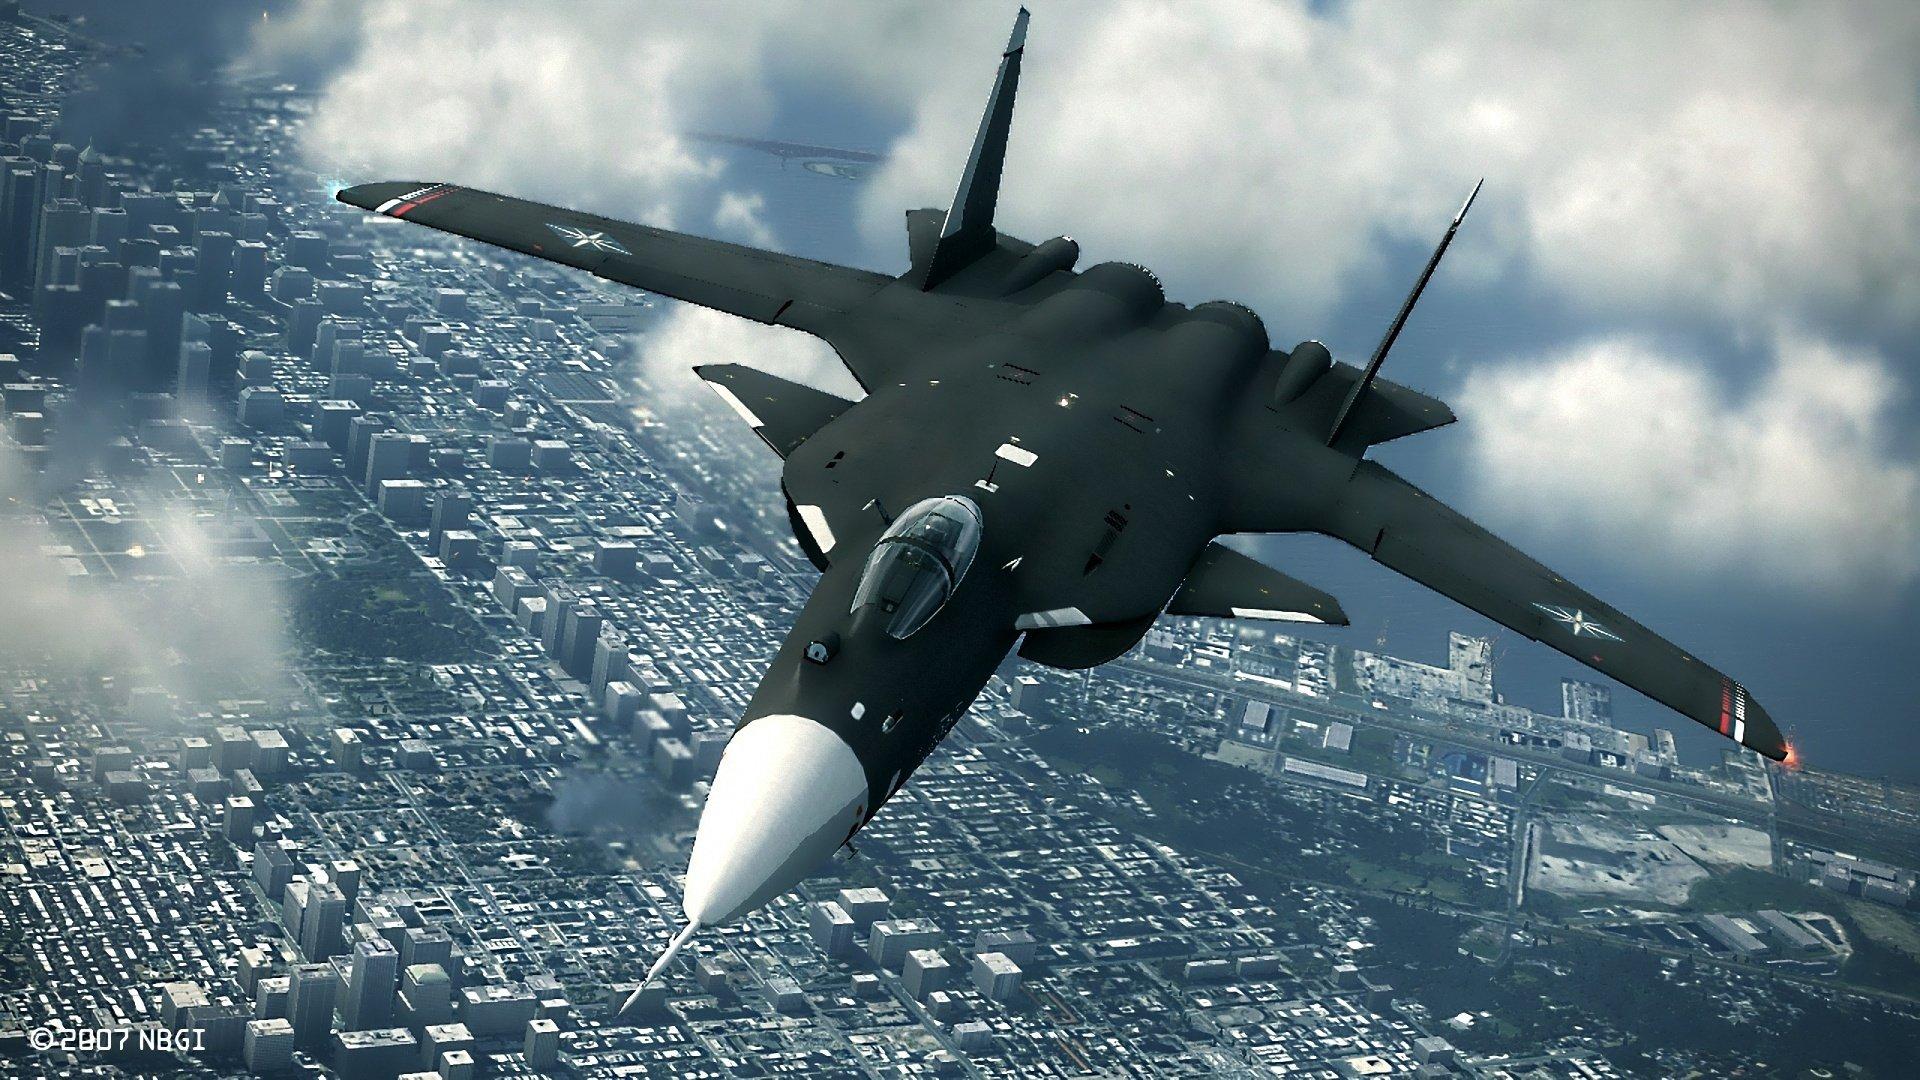 Черный истребитель  № 3755926 загрузить